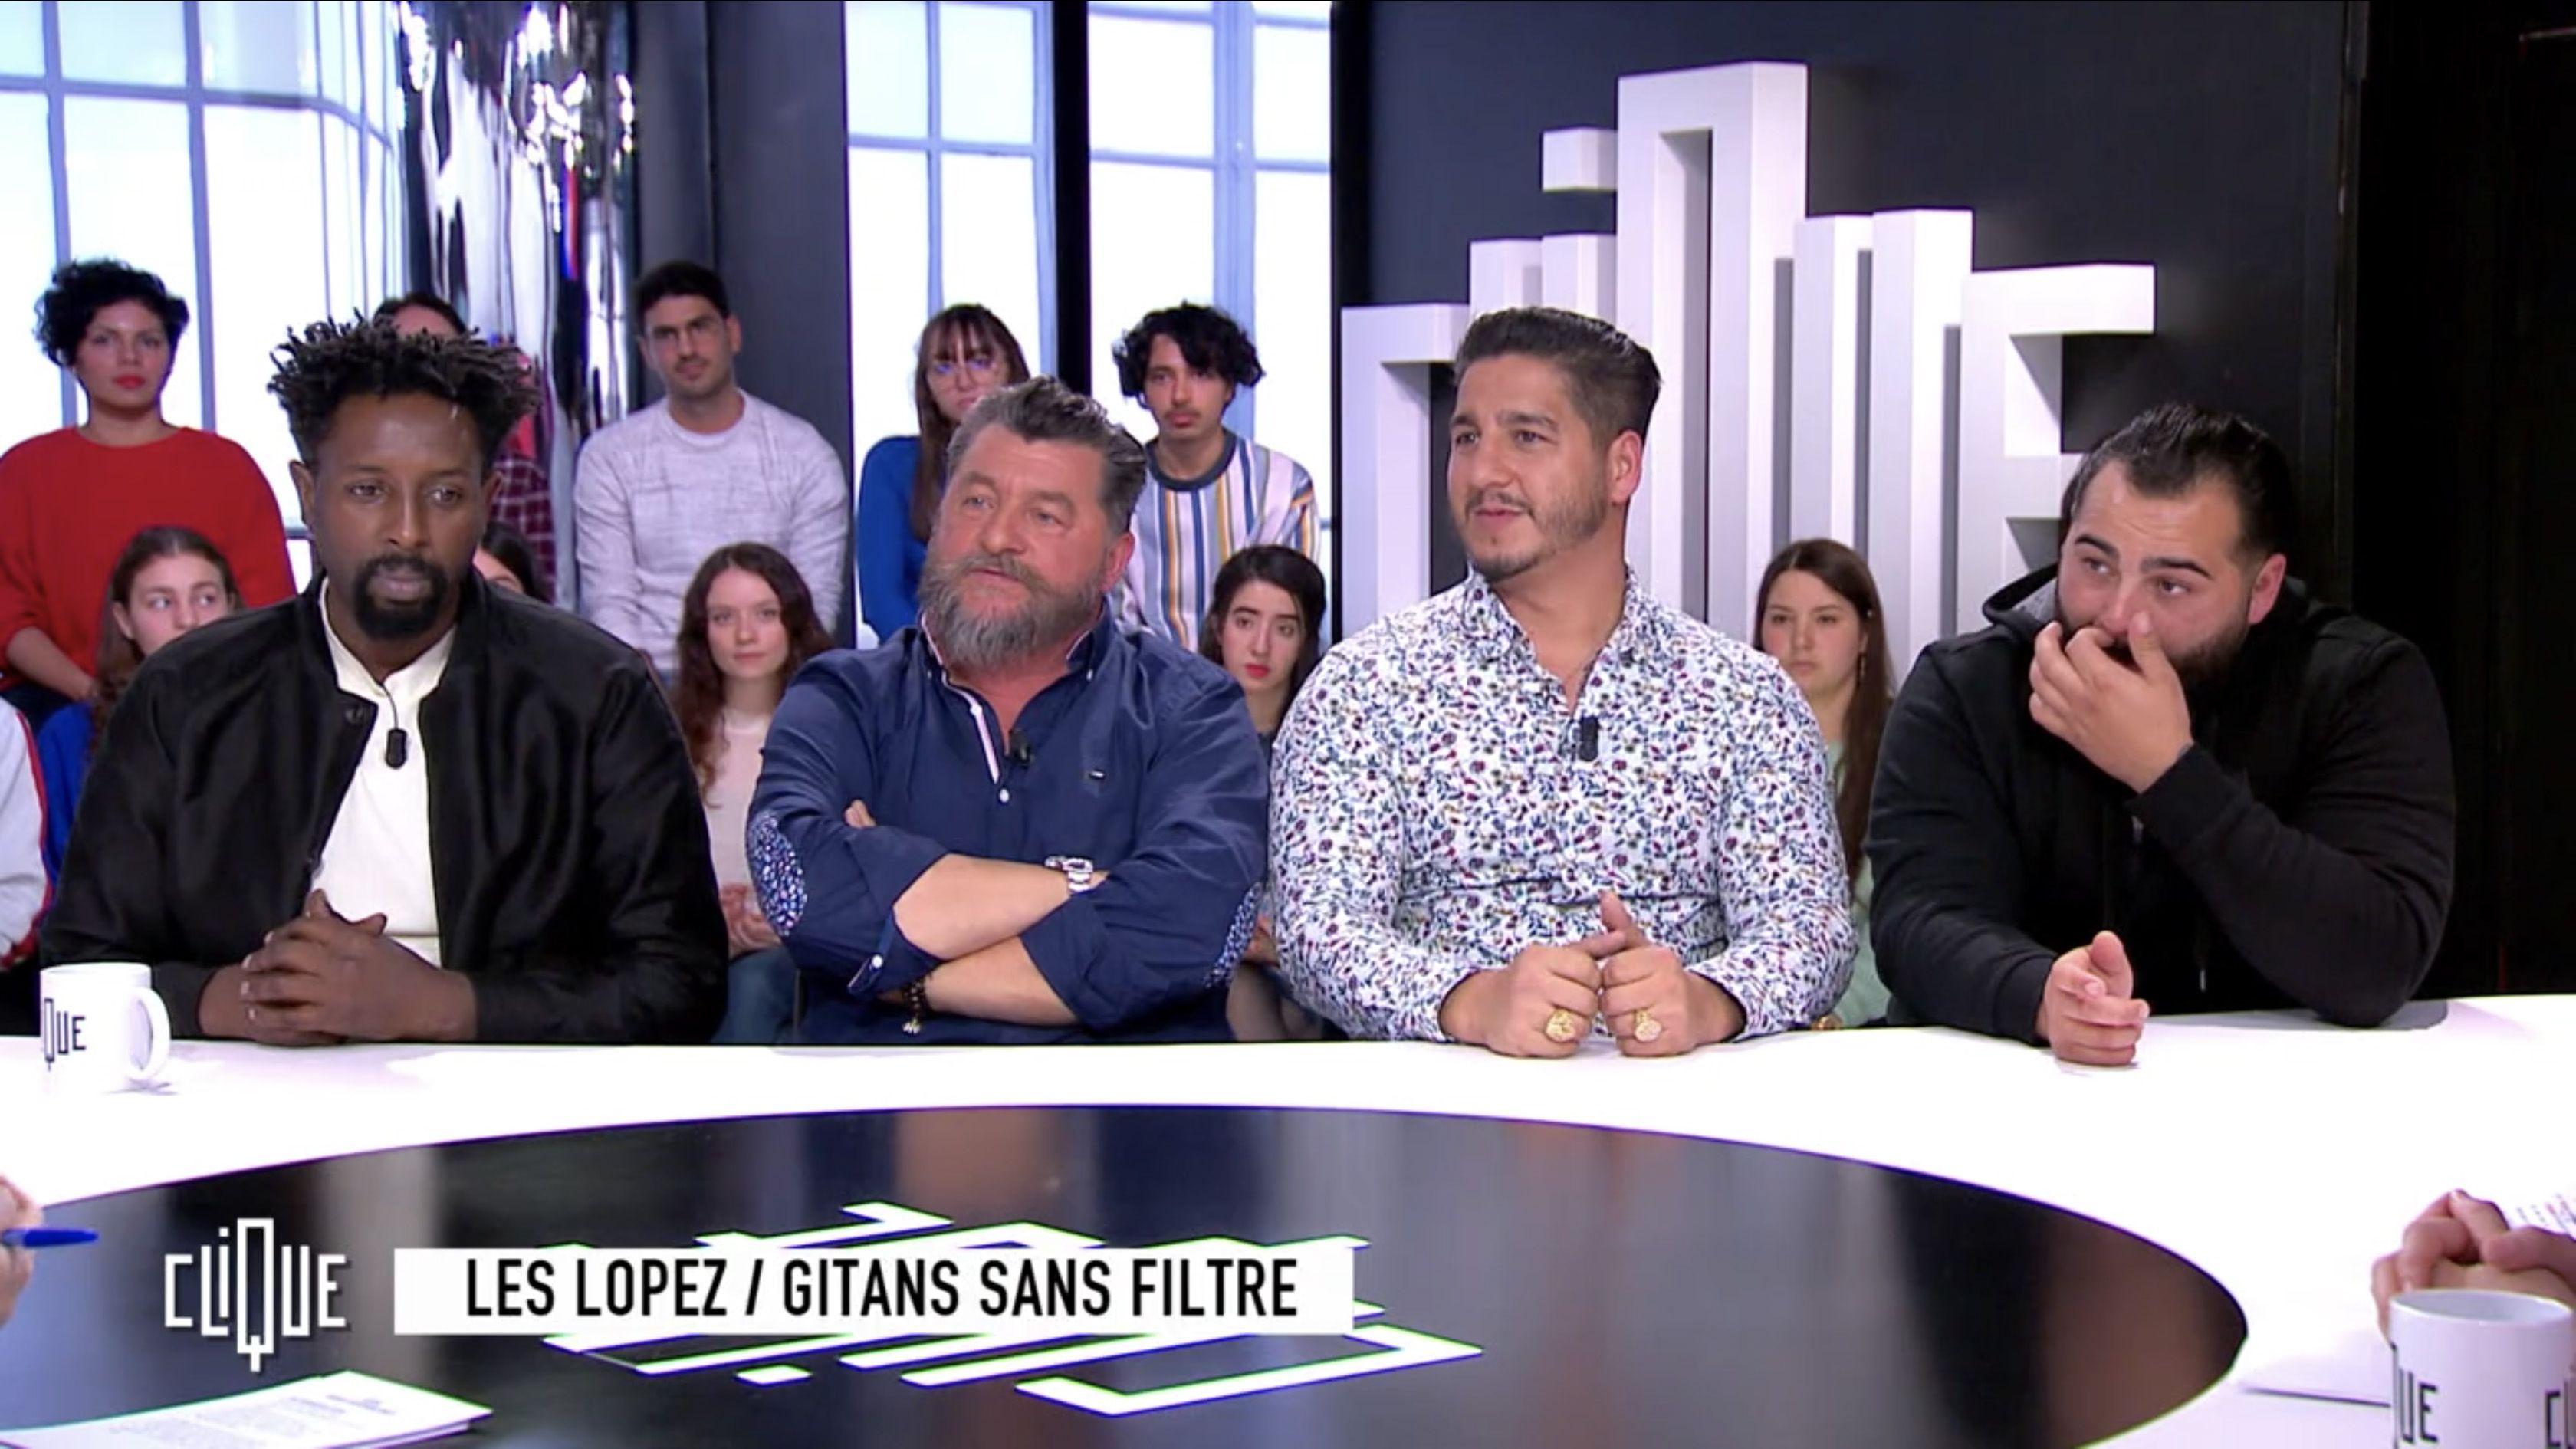 Richard Berry, Ladj Ly et les Lopez font grandir Clique